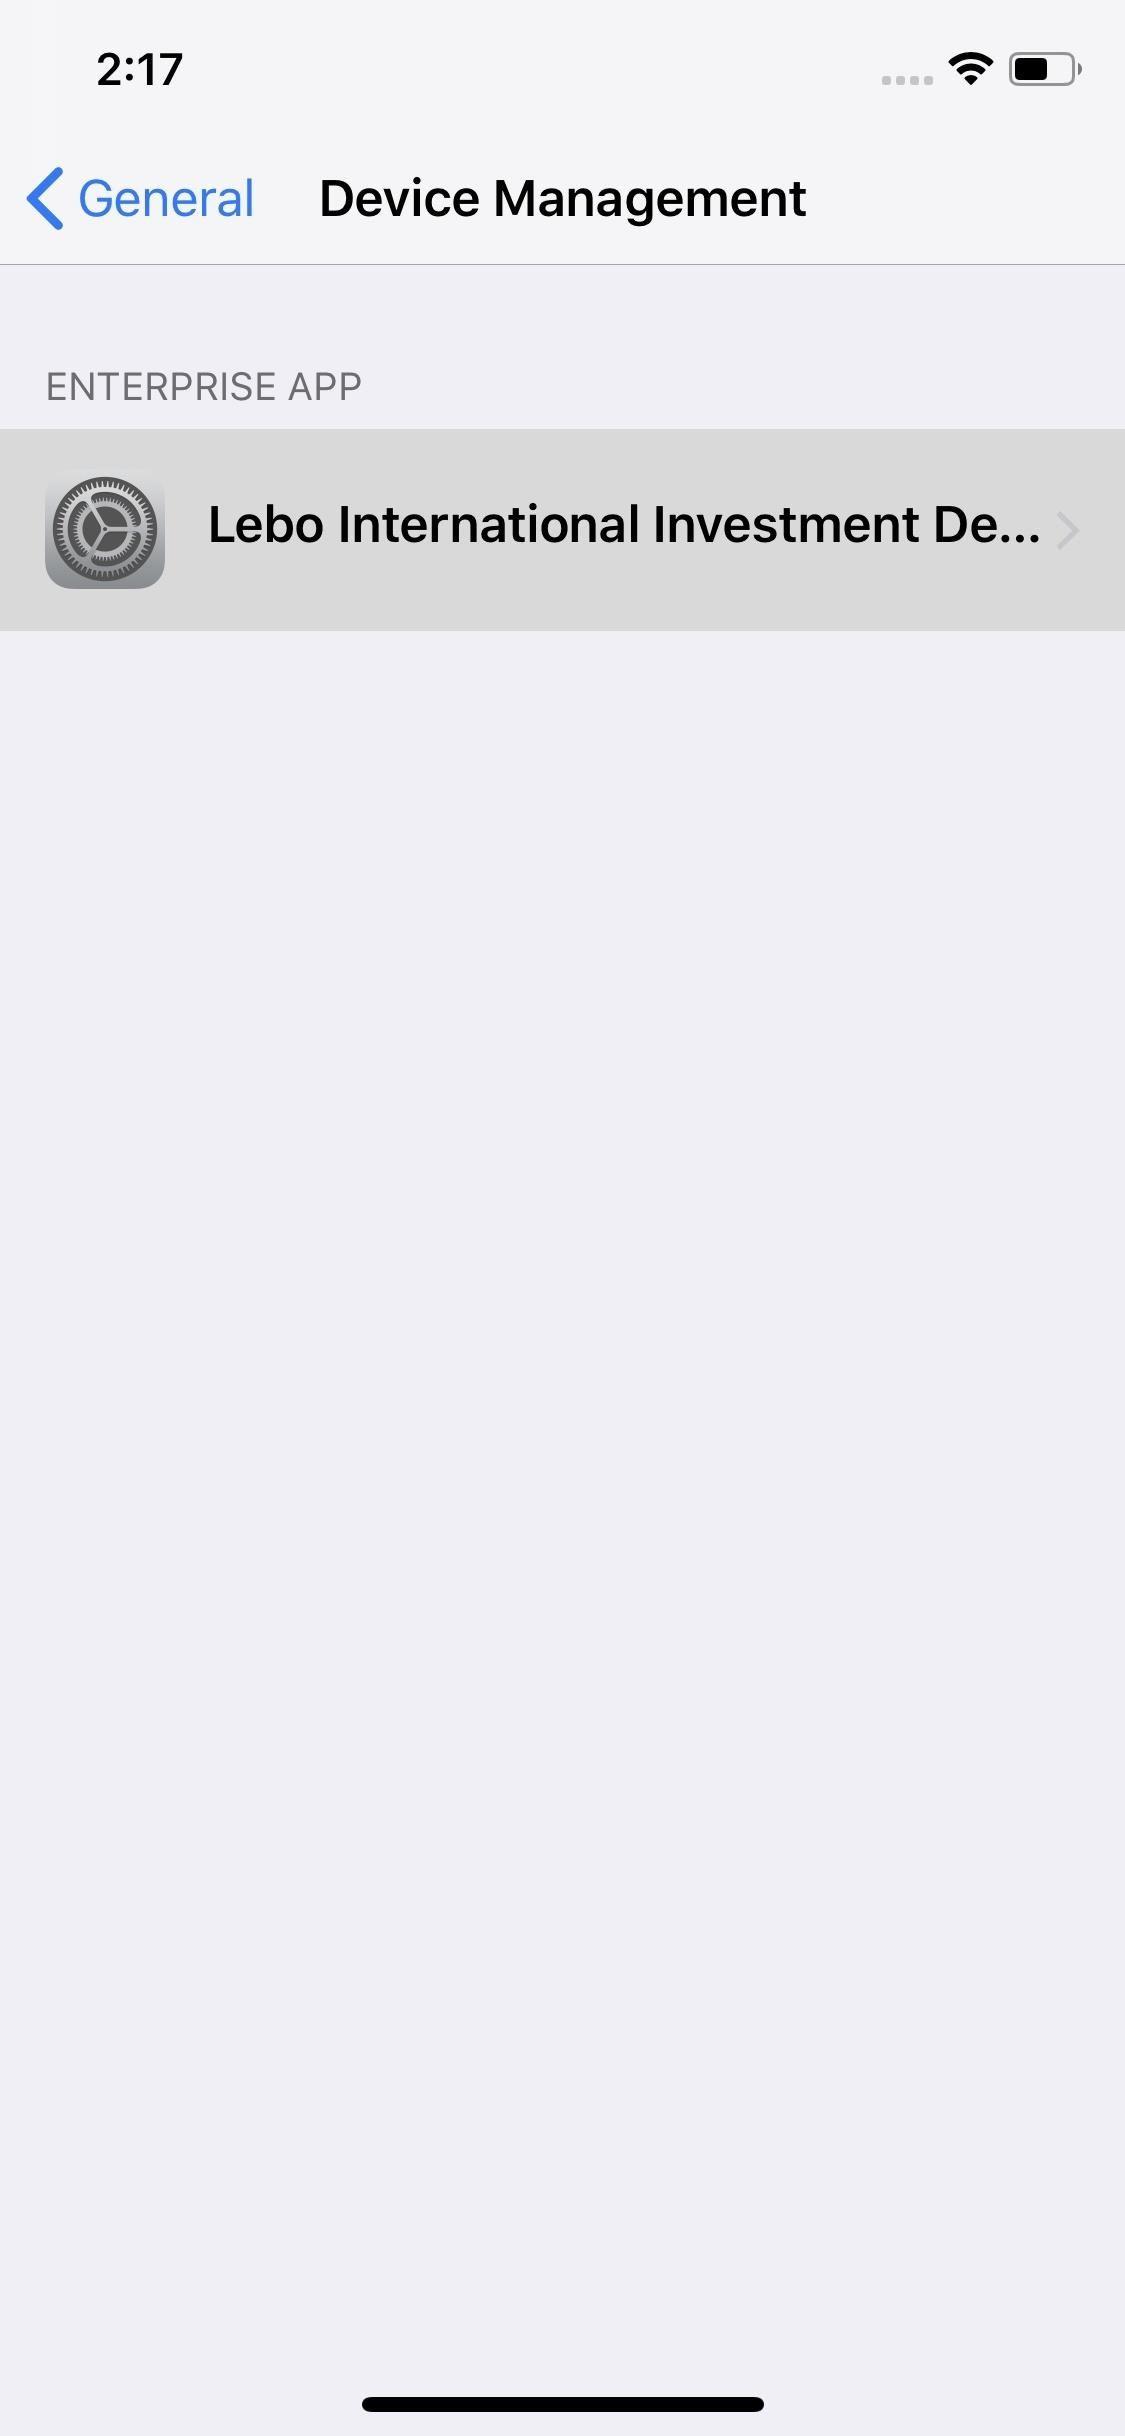 How To Jailbreak iOS 12 – iOS 12 1 2 Using Unc0ver Jailbreak Tool